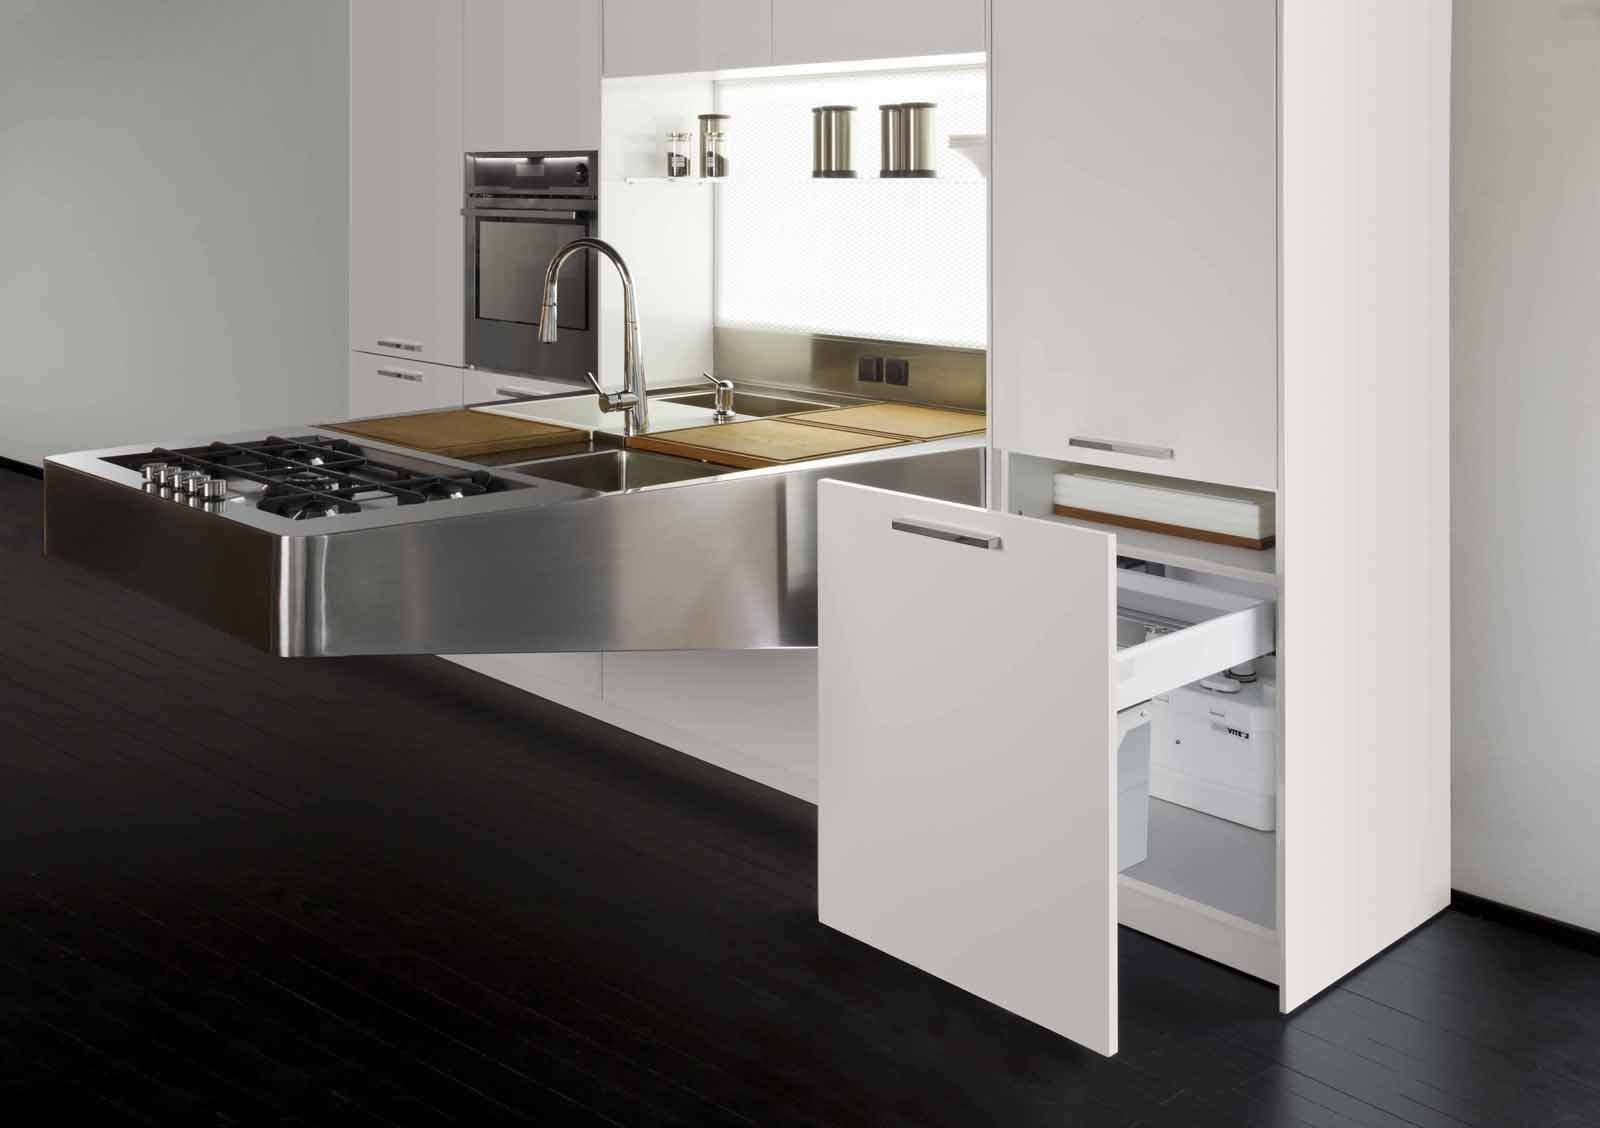 Cucine come spostare il lavello senza lavori cose di casa - Blocco lavello cucina ...